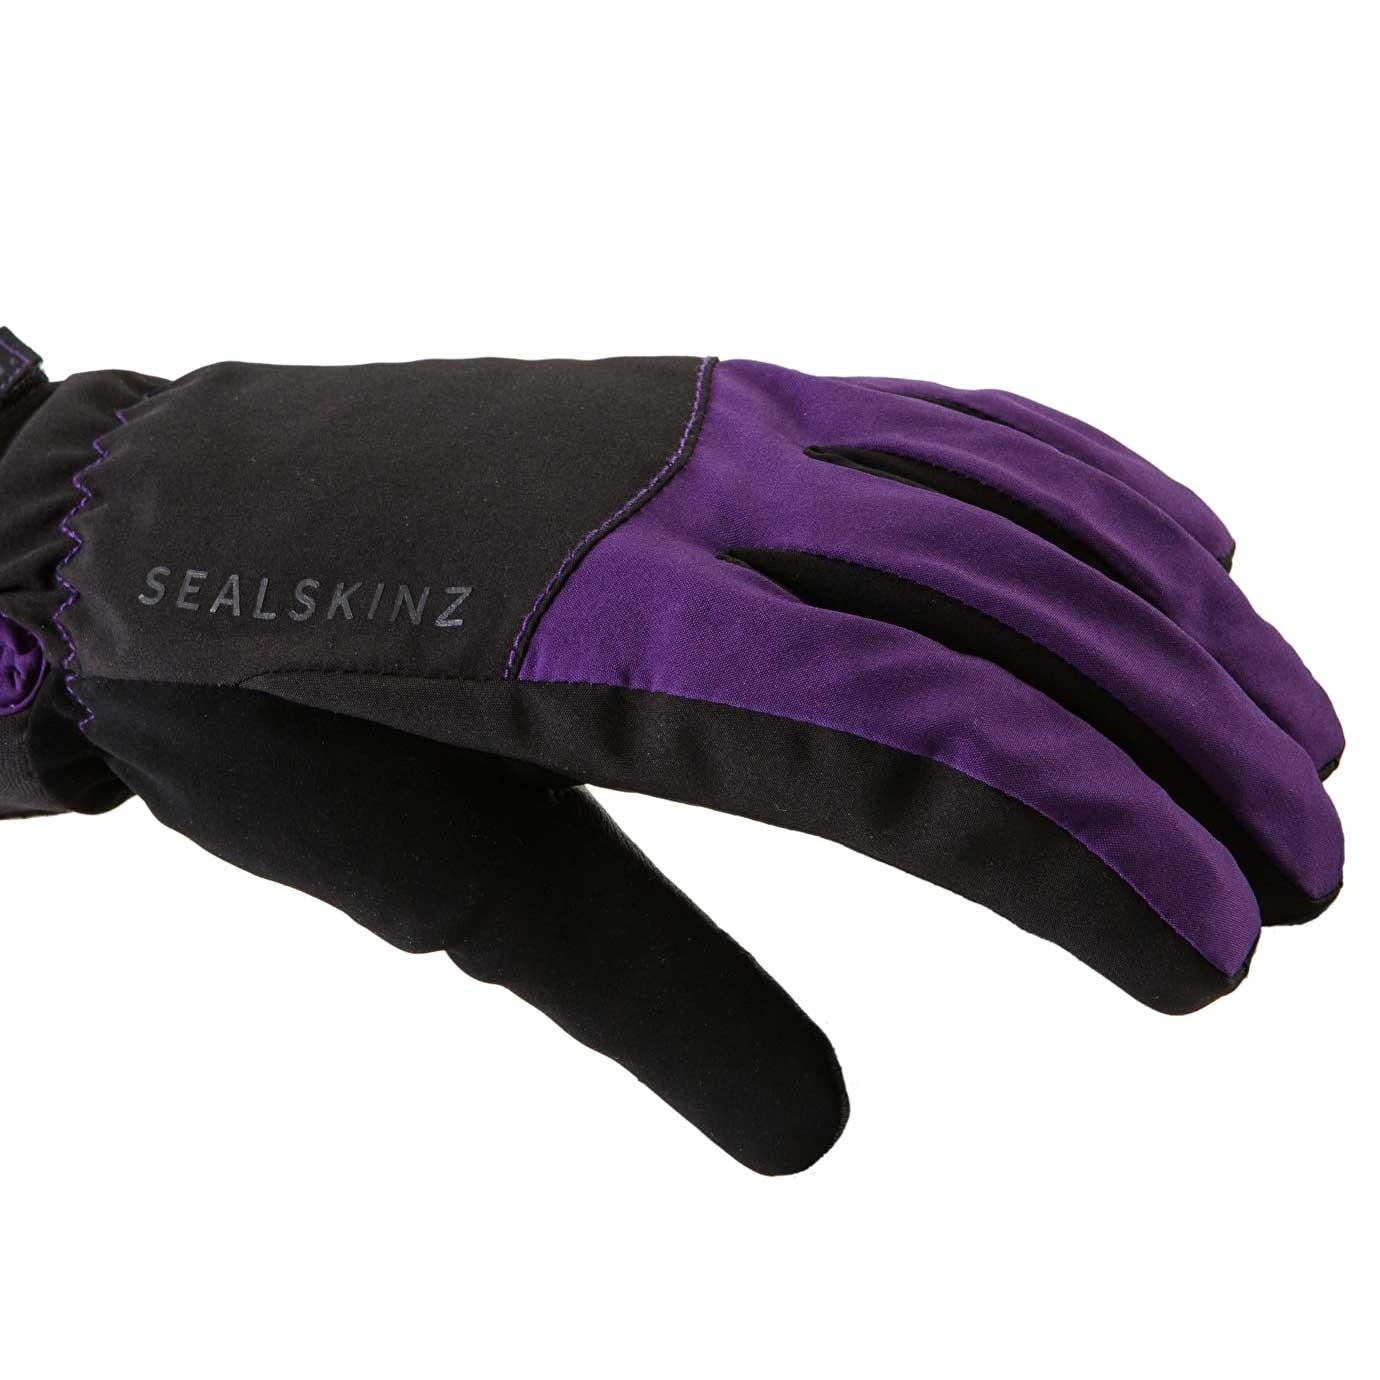 Sealskinz All Season Waterproof Women's Gloves - Black/Purple - back